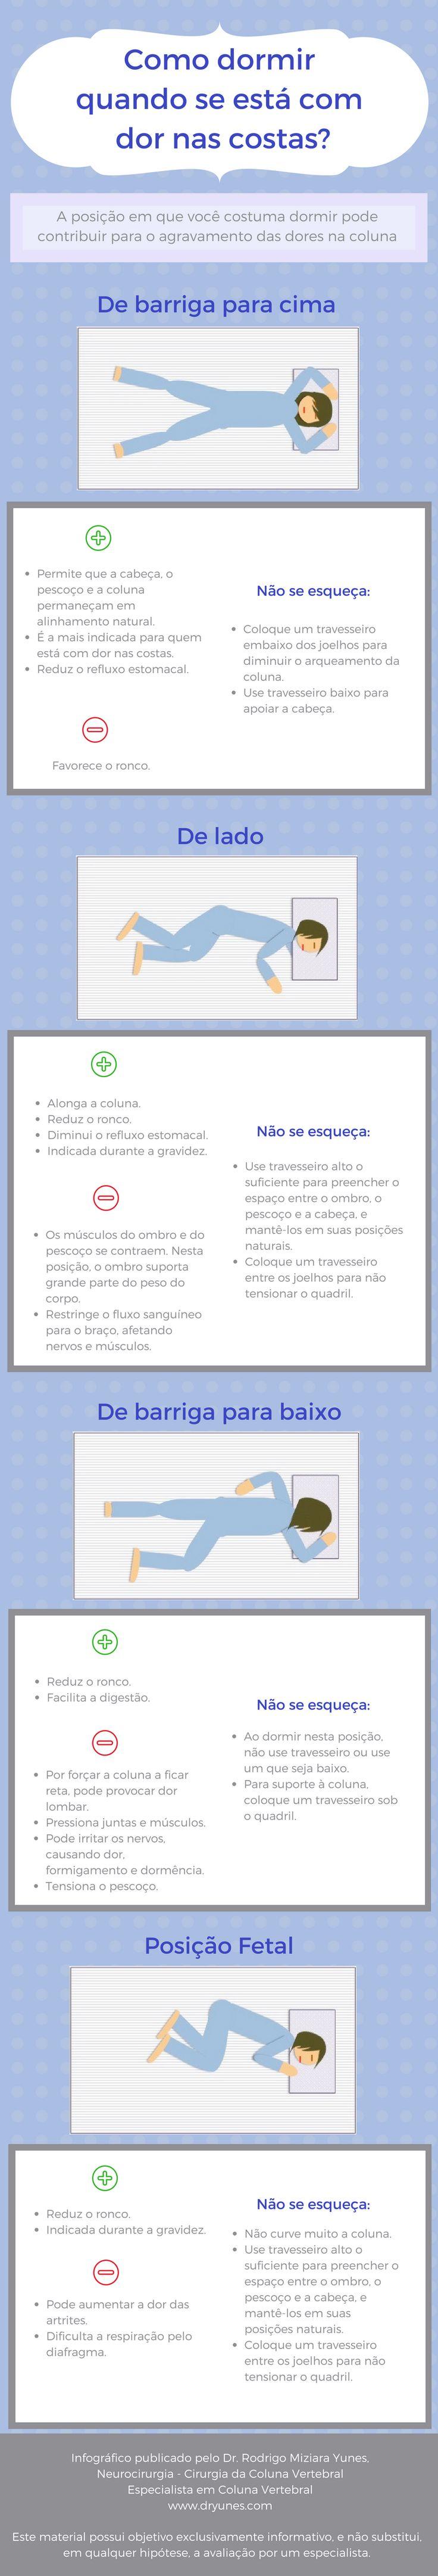 [Infográfico] Qual a melhor posição para dormir com dor nas costas? Acesse http://www.dryunes.com/qual-a-melhor-posicao-para-dormir-com-dor-nas-costas/